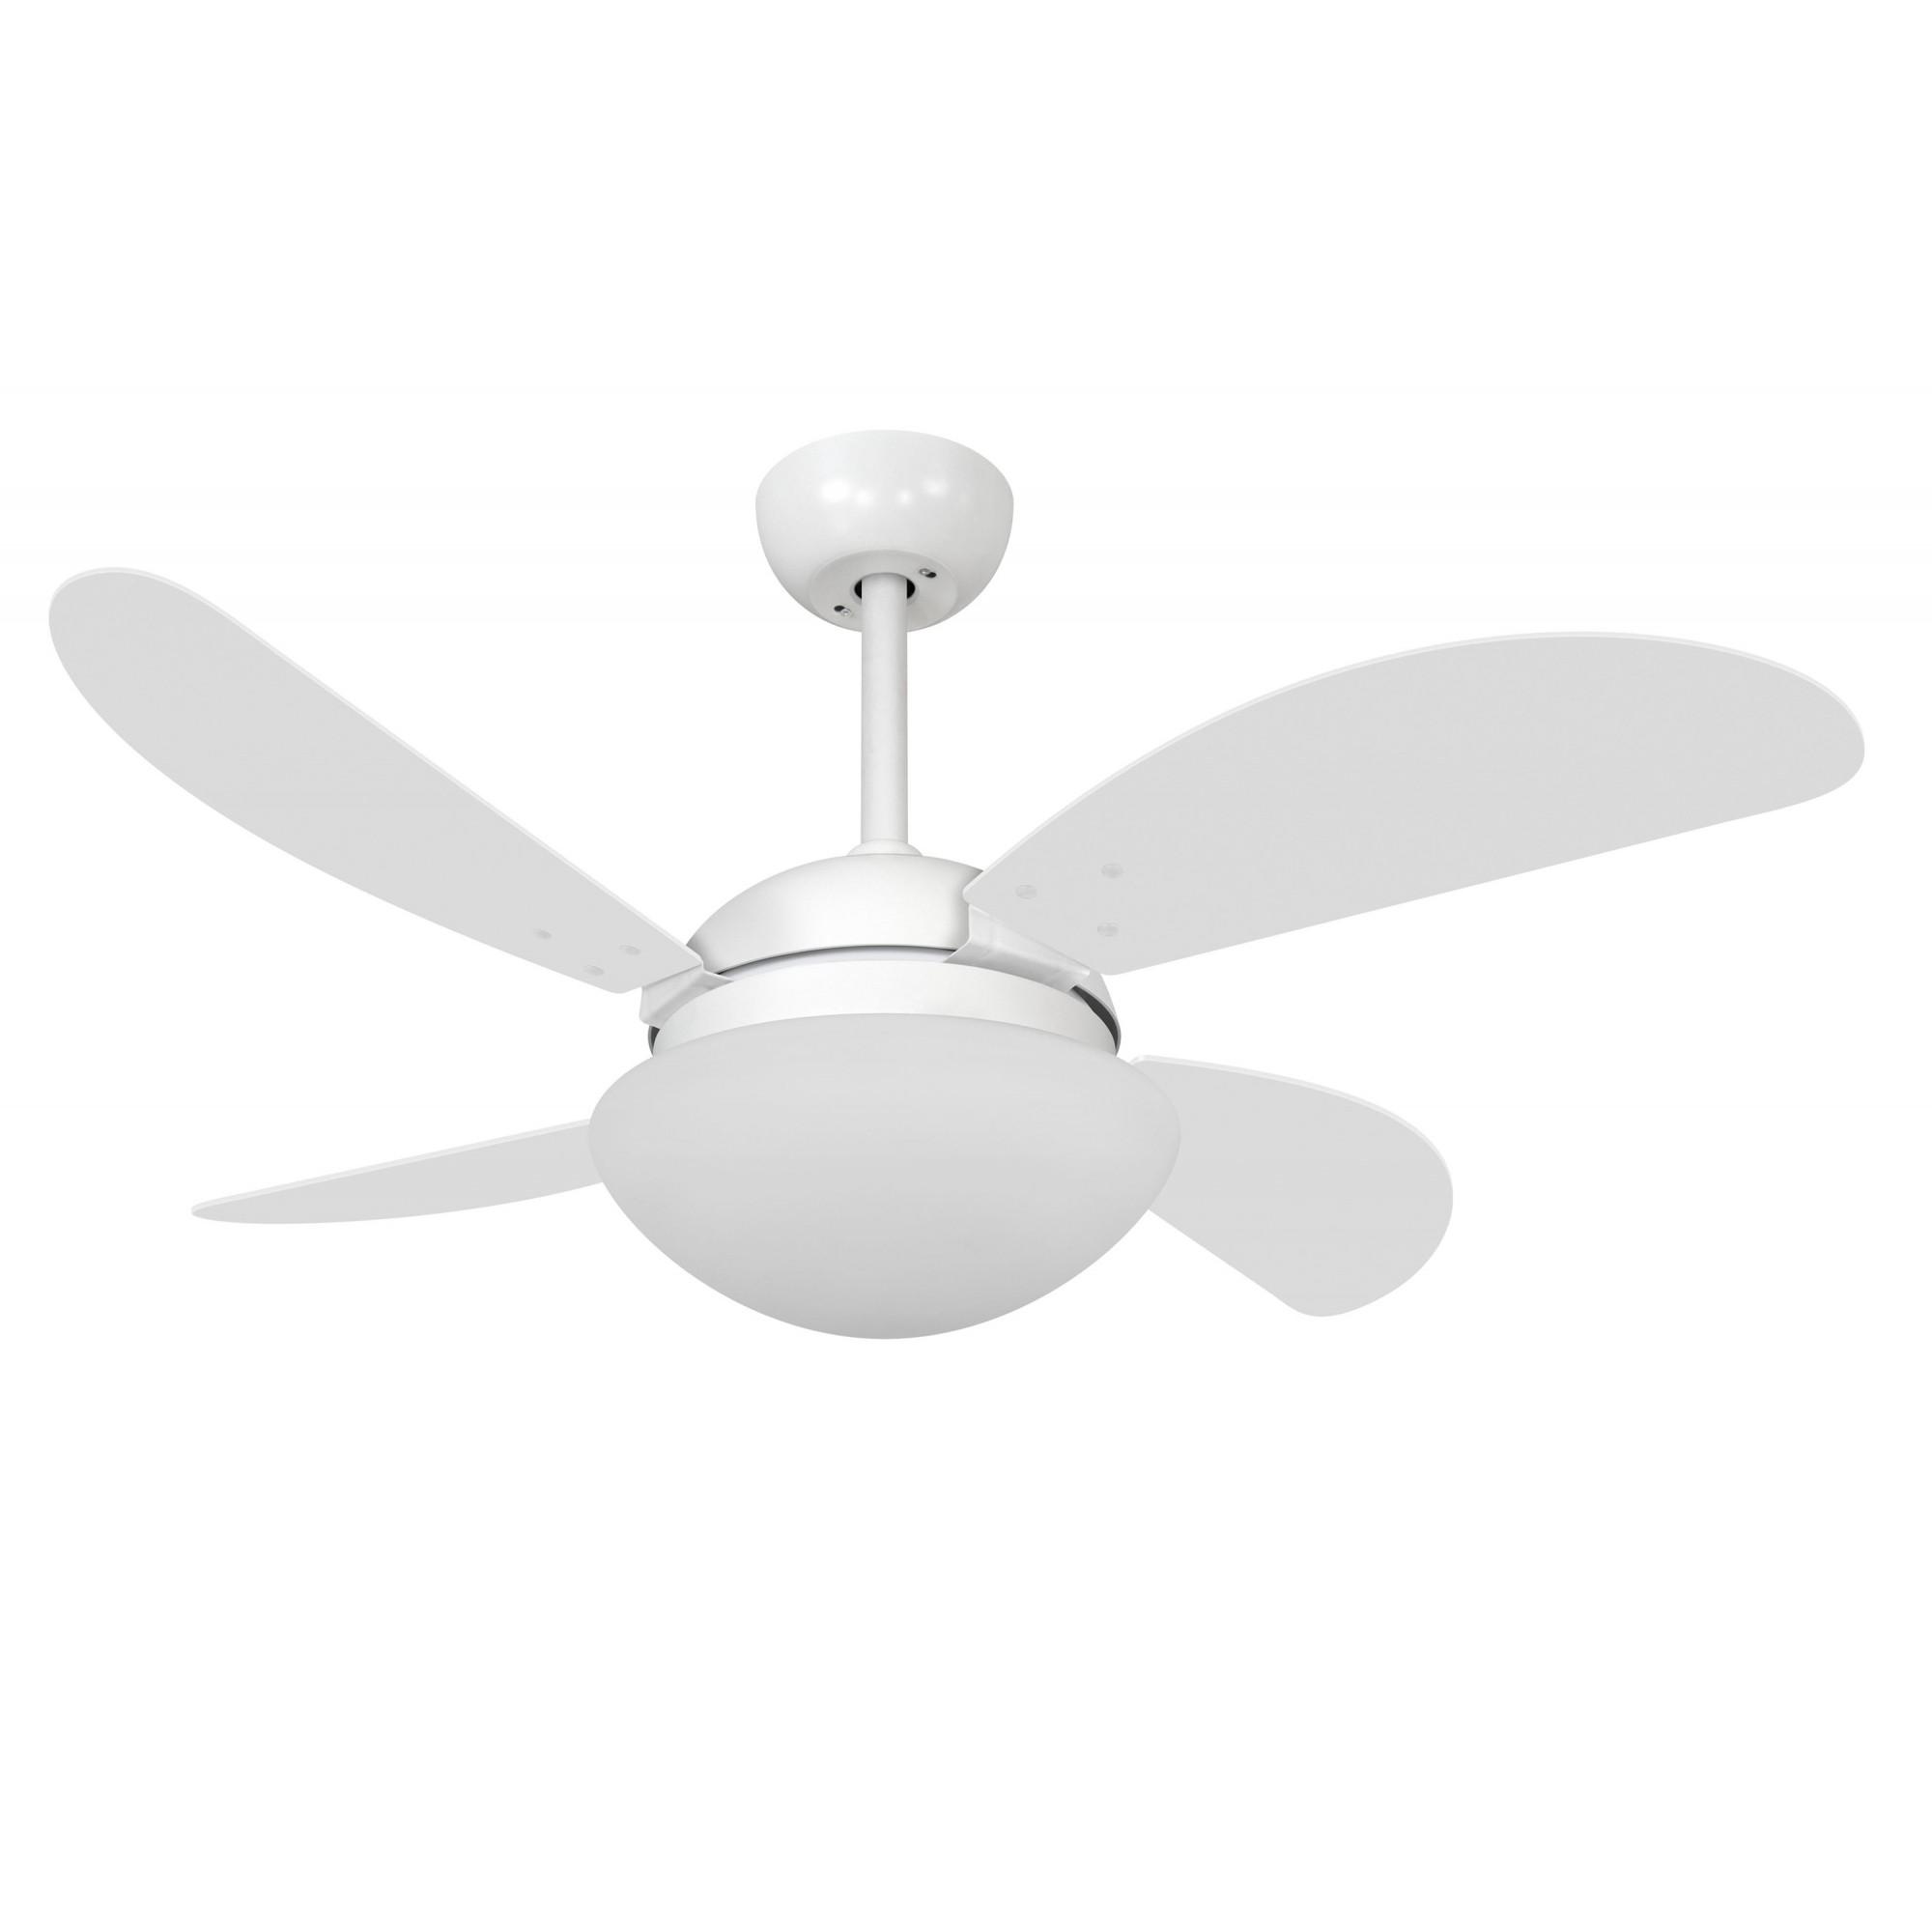 Ventilador de Teto VD42 Fly Branco 4 Pás MDF 220V